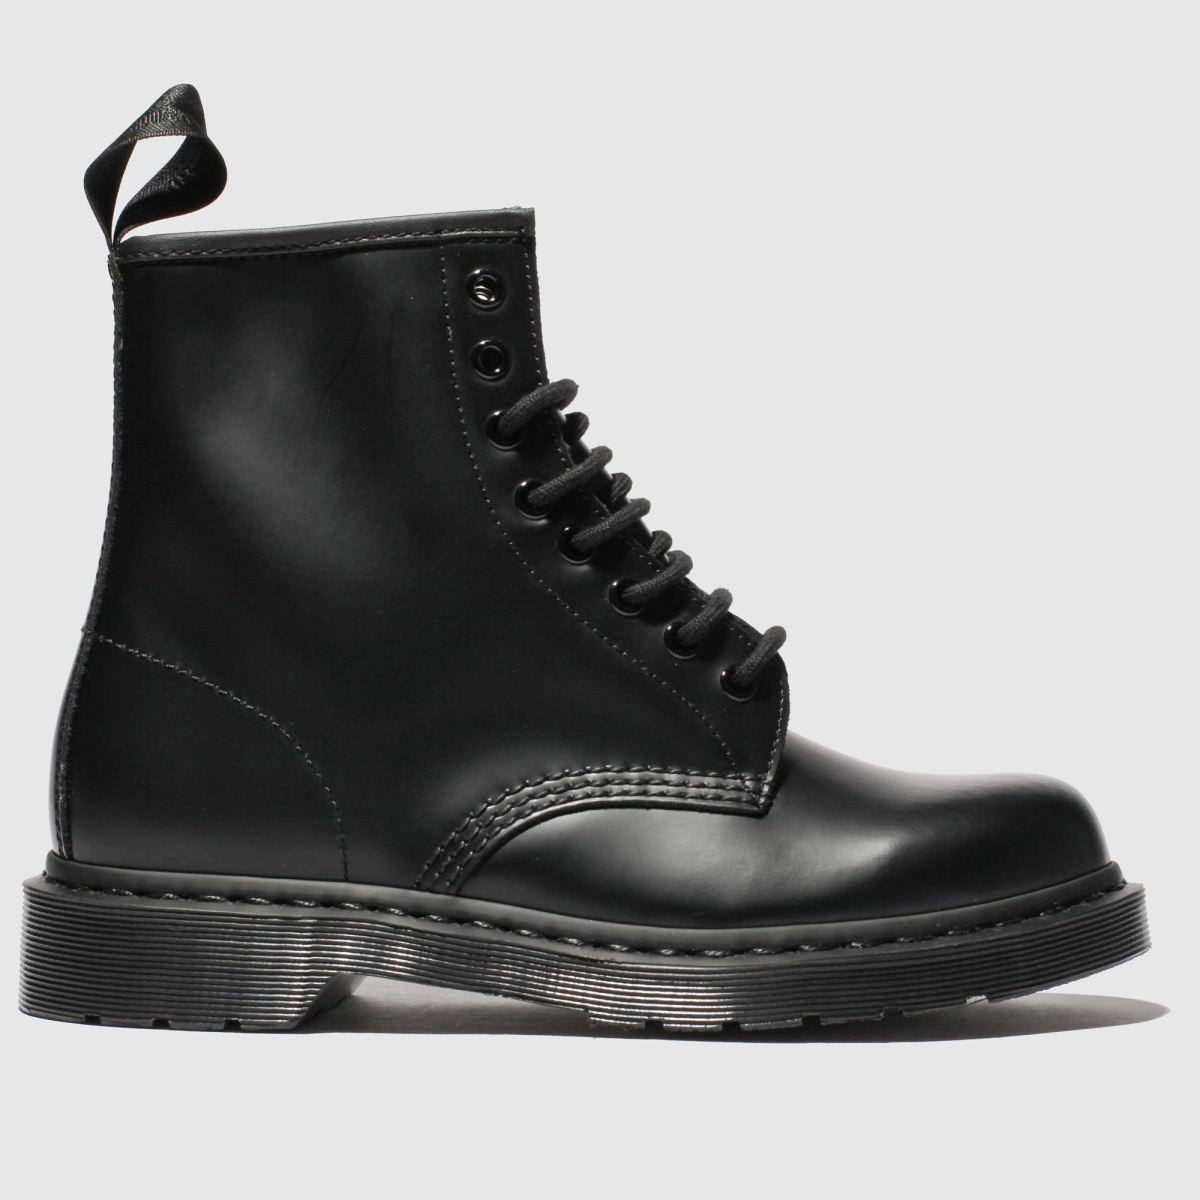 Dr Martens Black 1460 Mono Boots